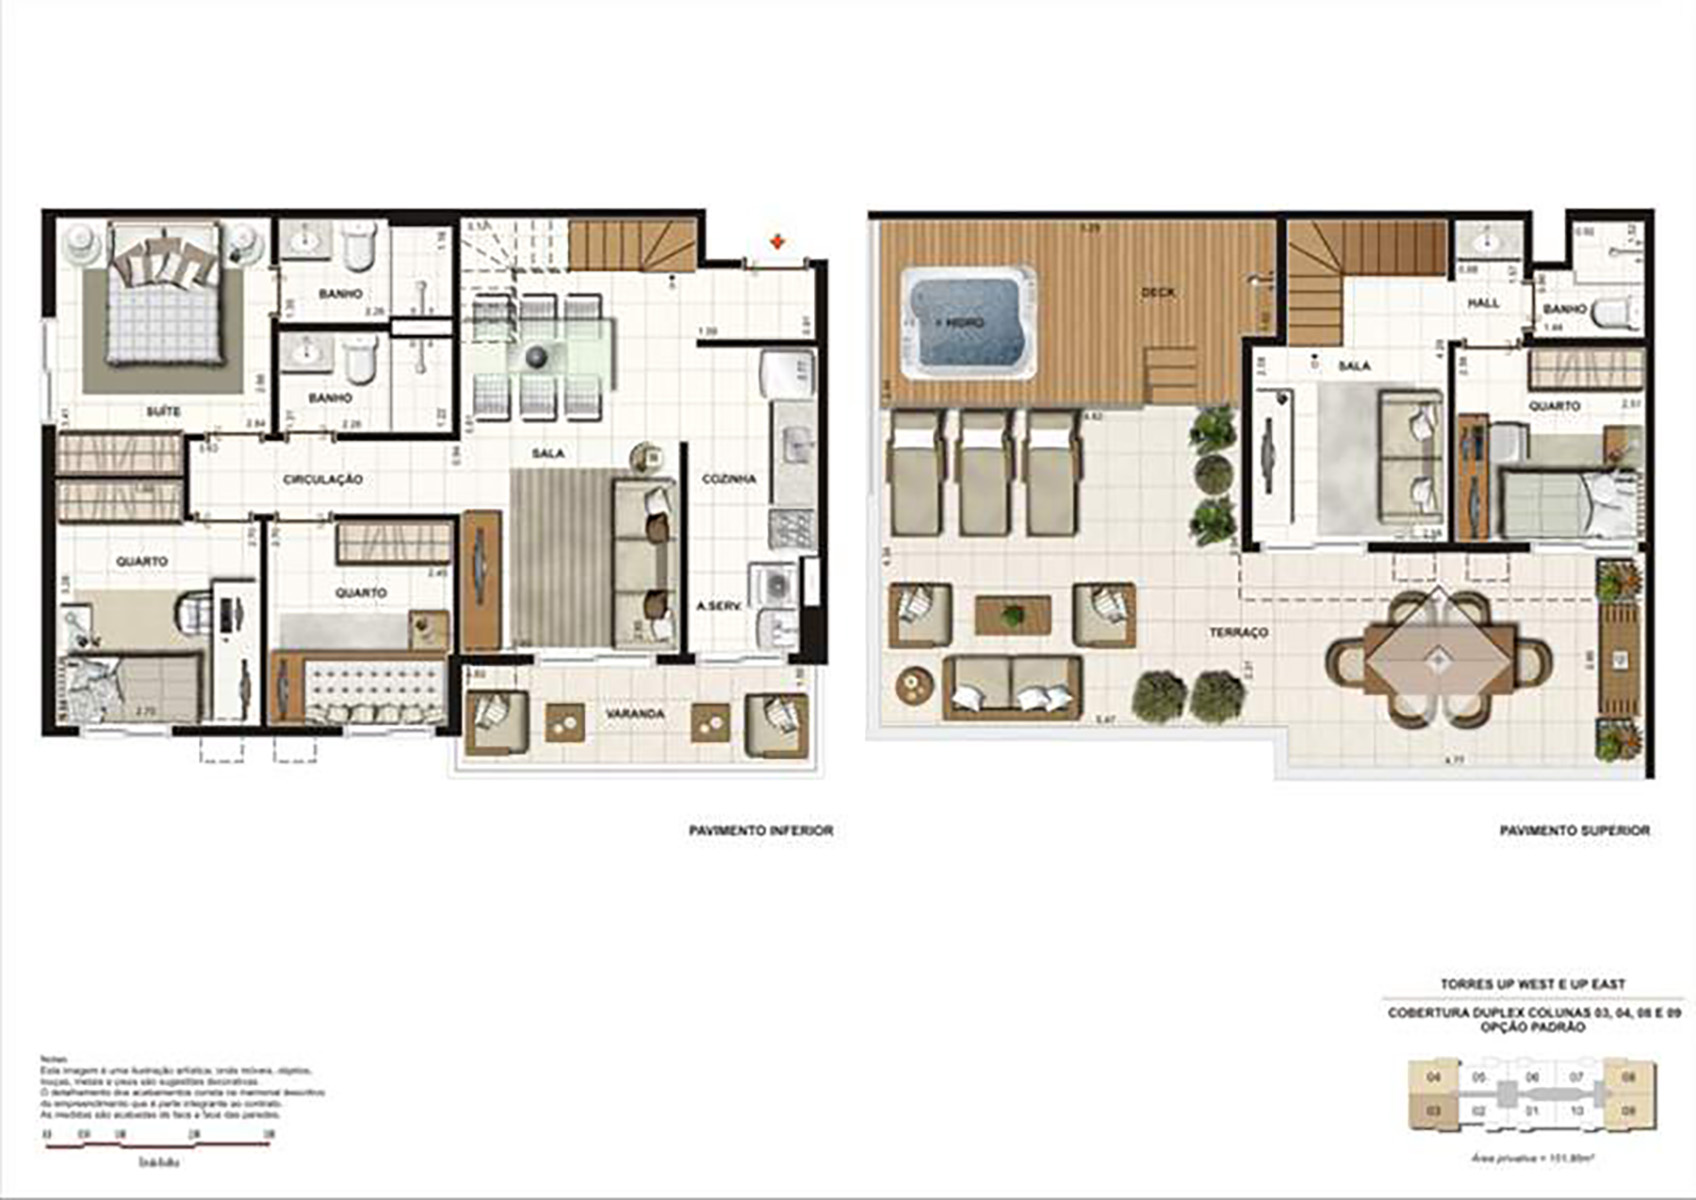 Ilustração Artística da Planta Duplex 151 m² tipo 1 Up Residence